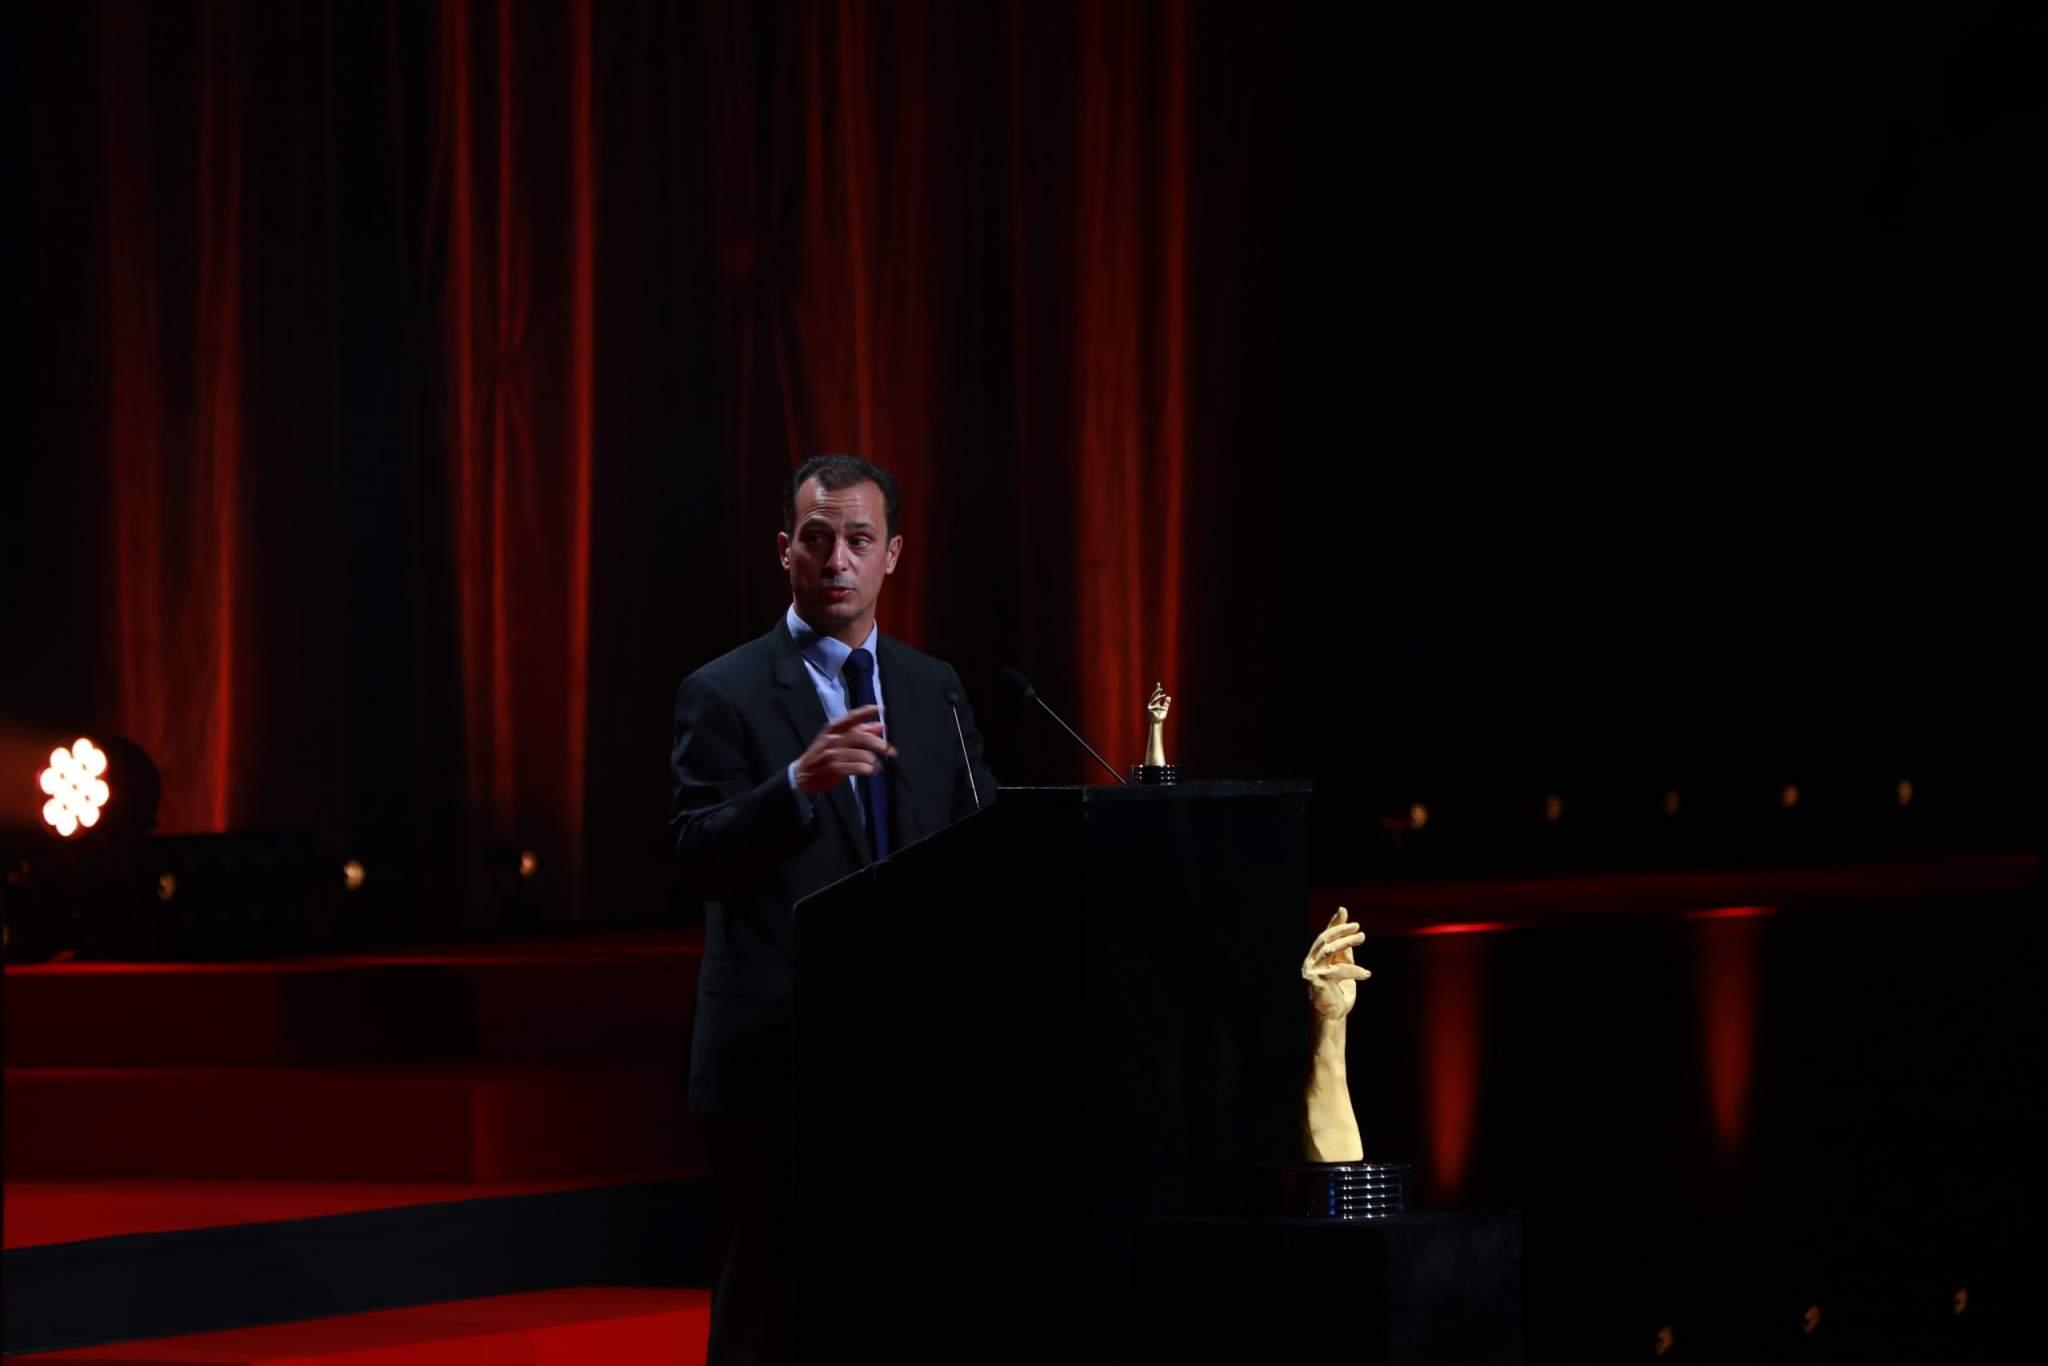 Eric de Rocquigny, Directeur des Opérations et des Métiers de Van Cleef & Arpels, lauréat du Prix de la Montre Métiers d'Art 2020